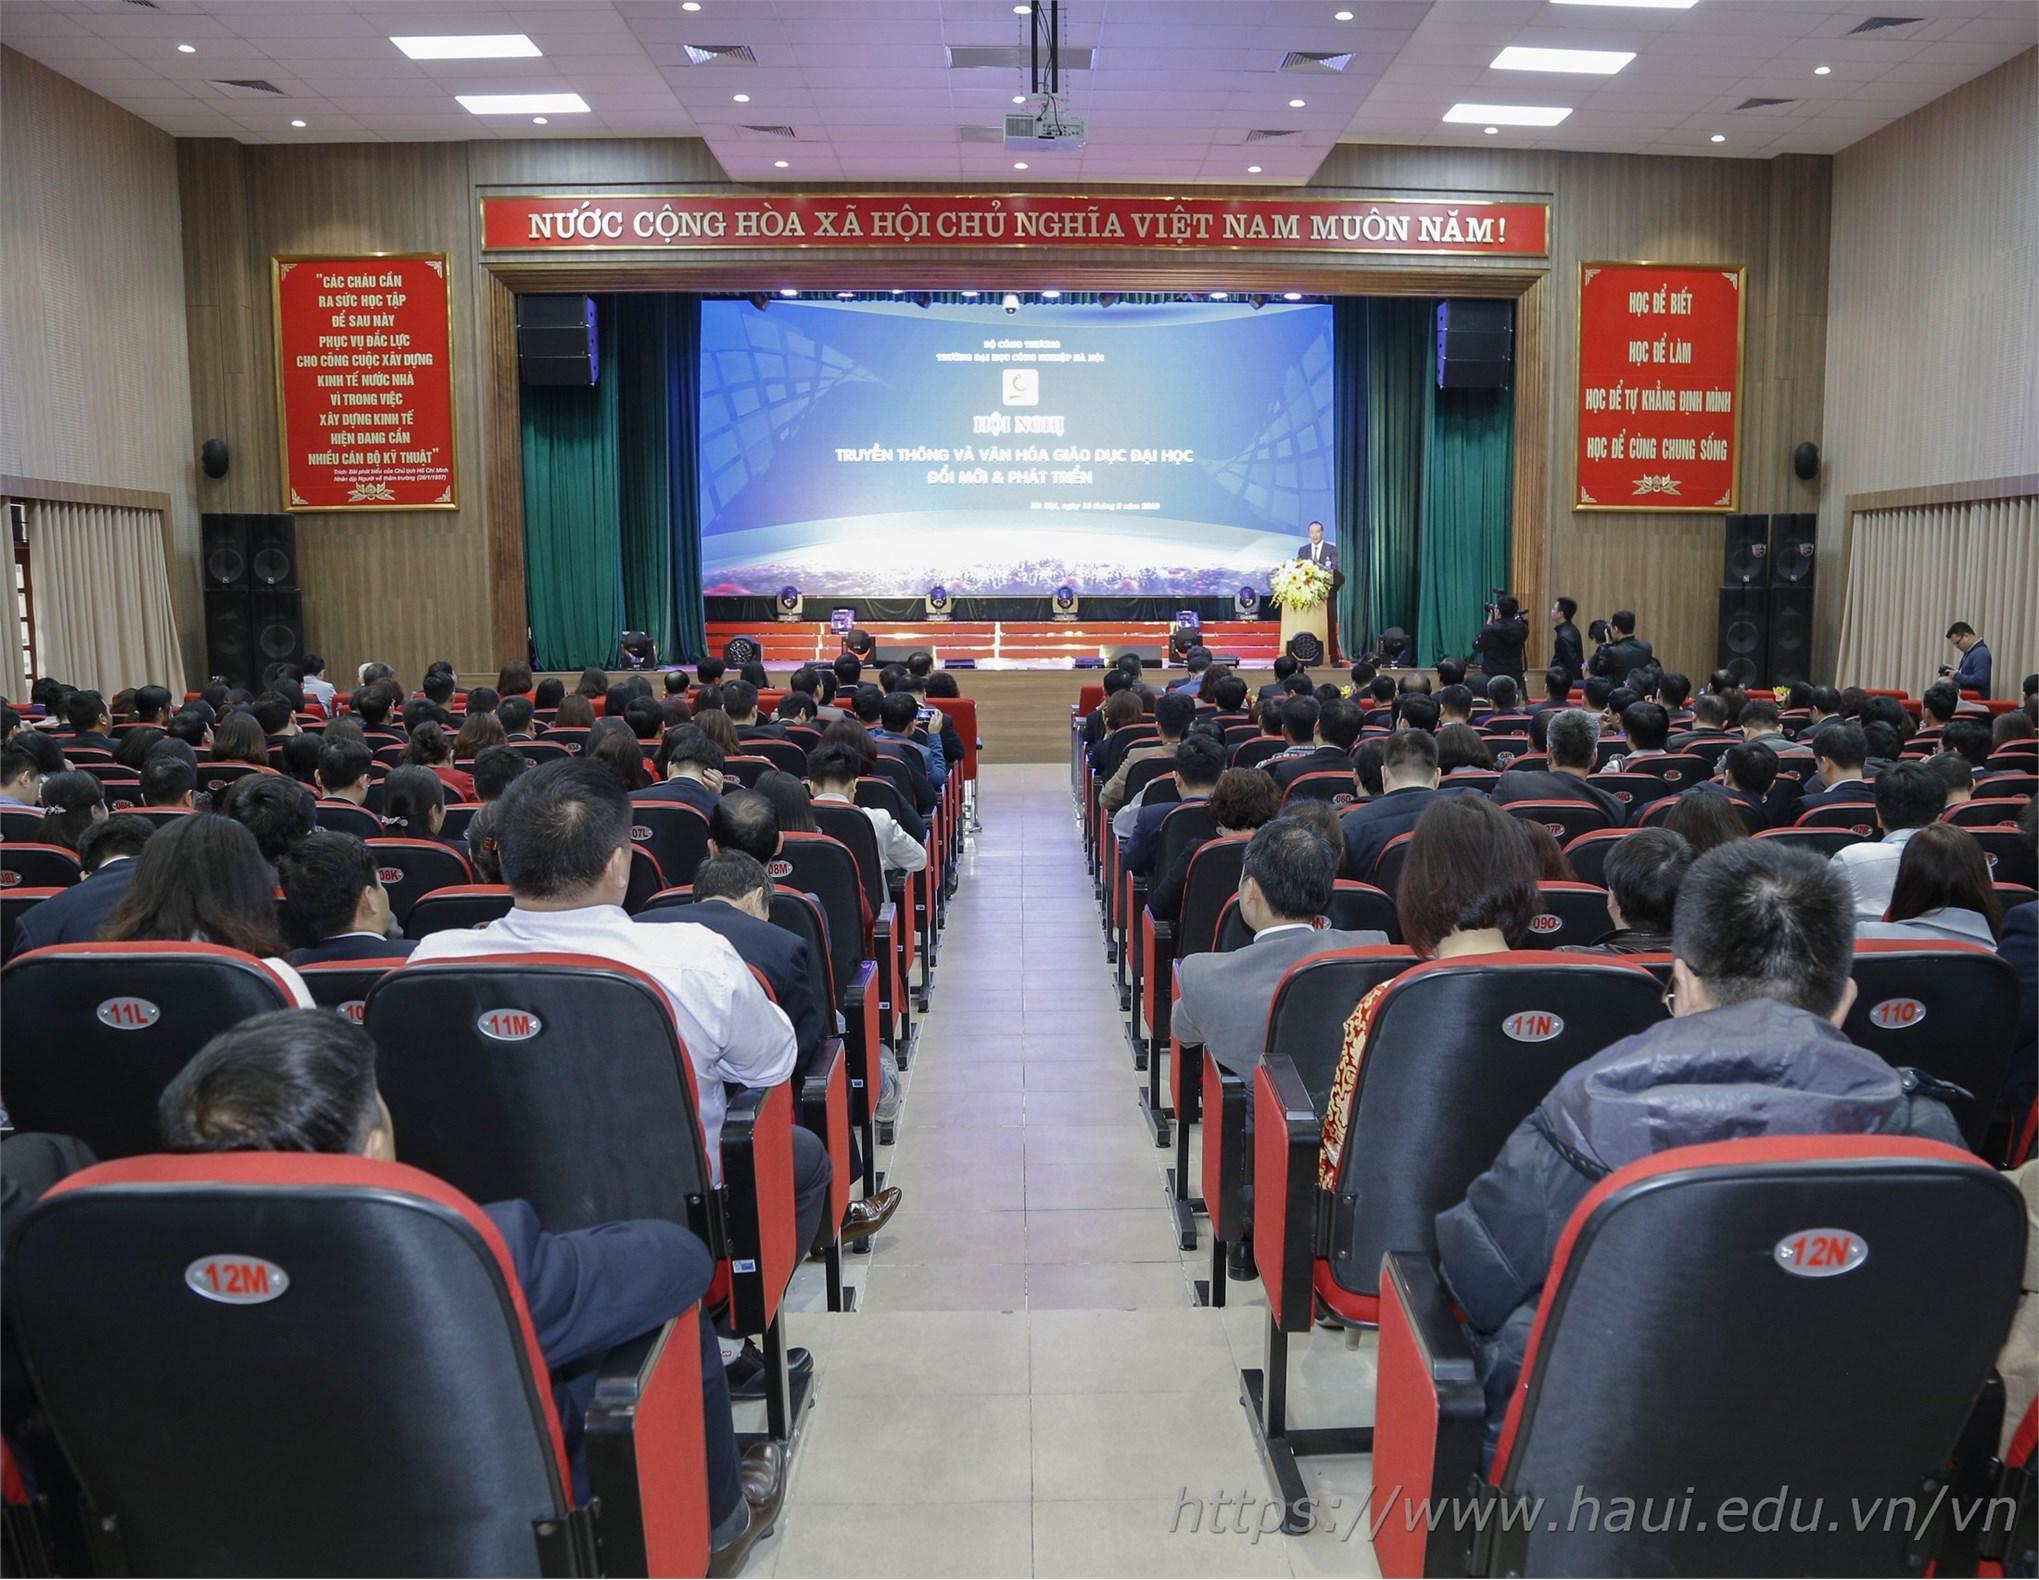 Hội nghị Truyền thông và Văn hóa giáo dục đại học - Đổi mới & Phát triển